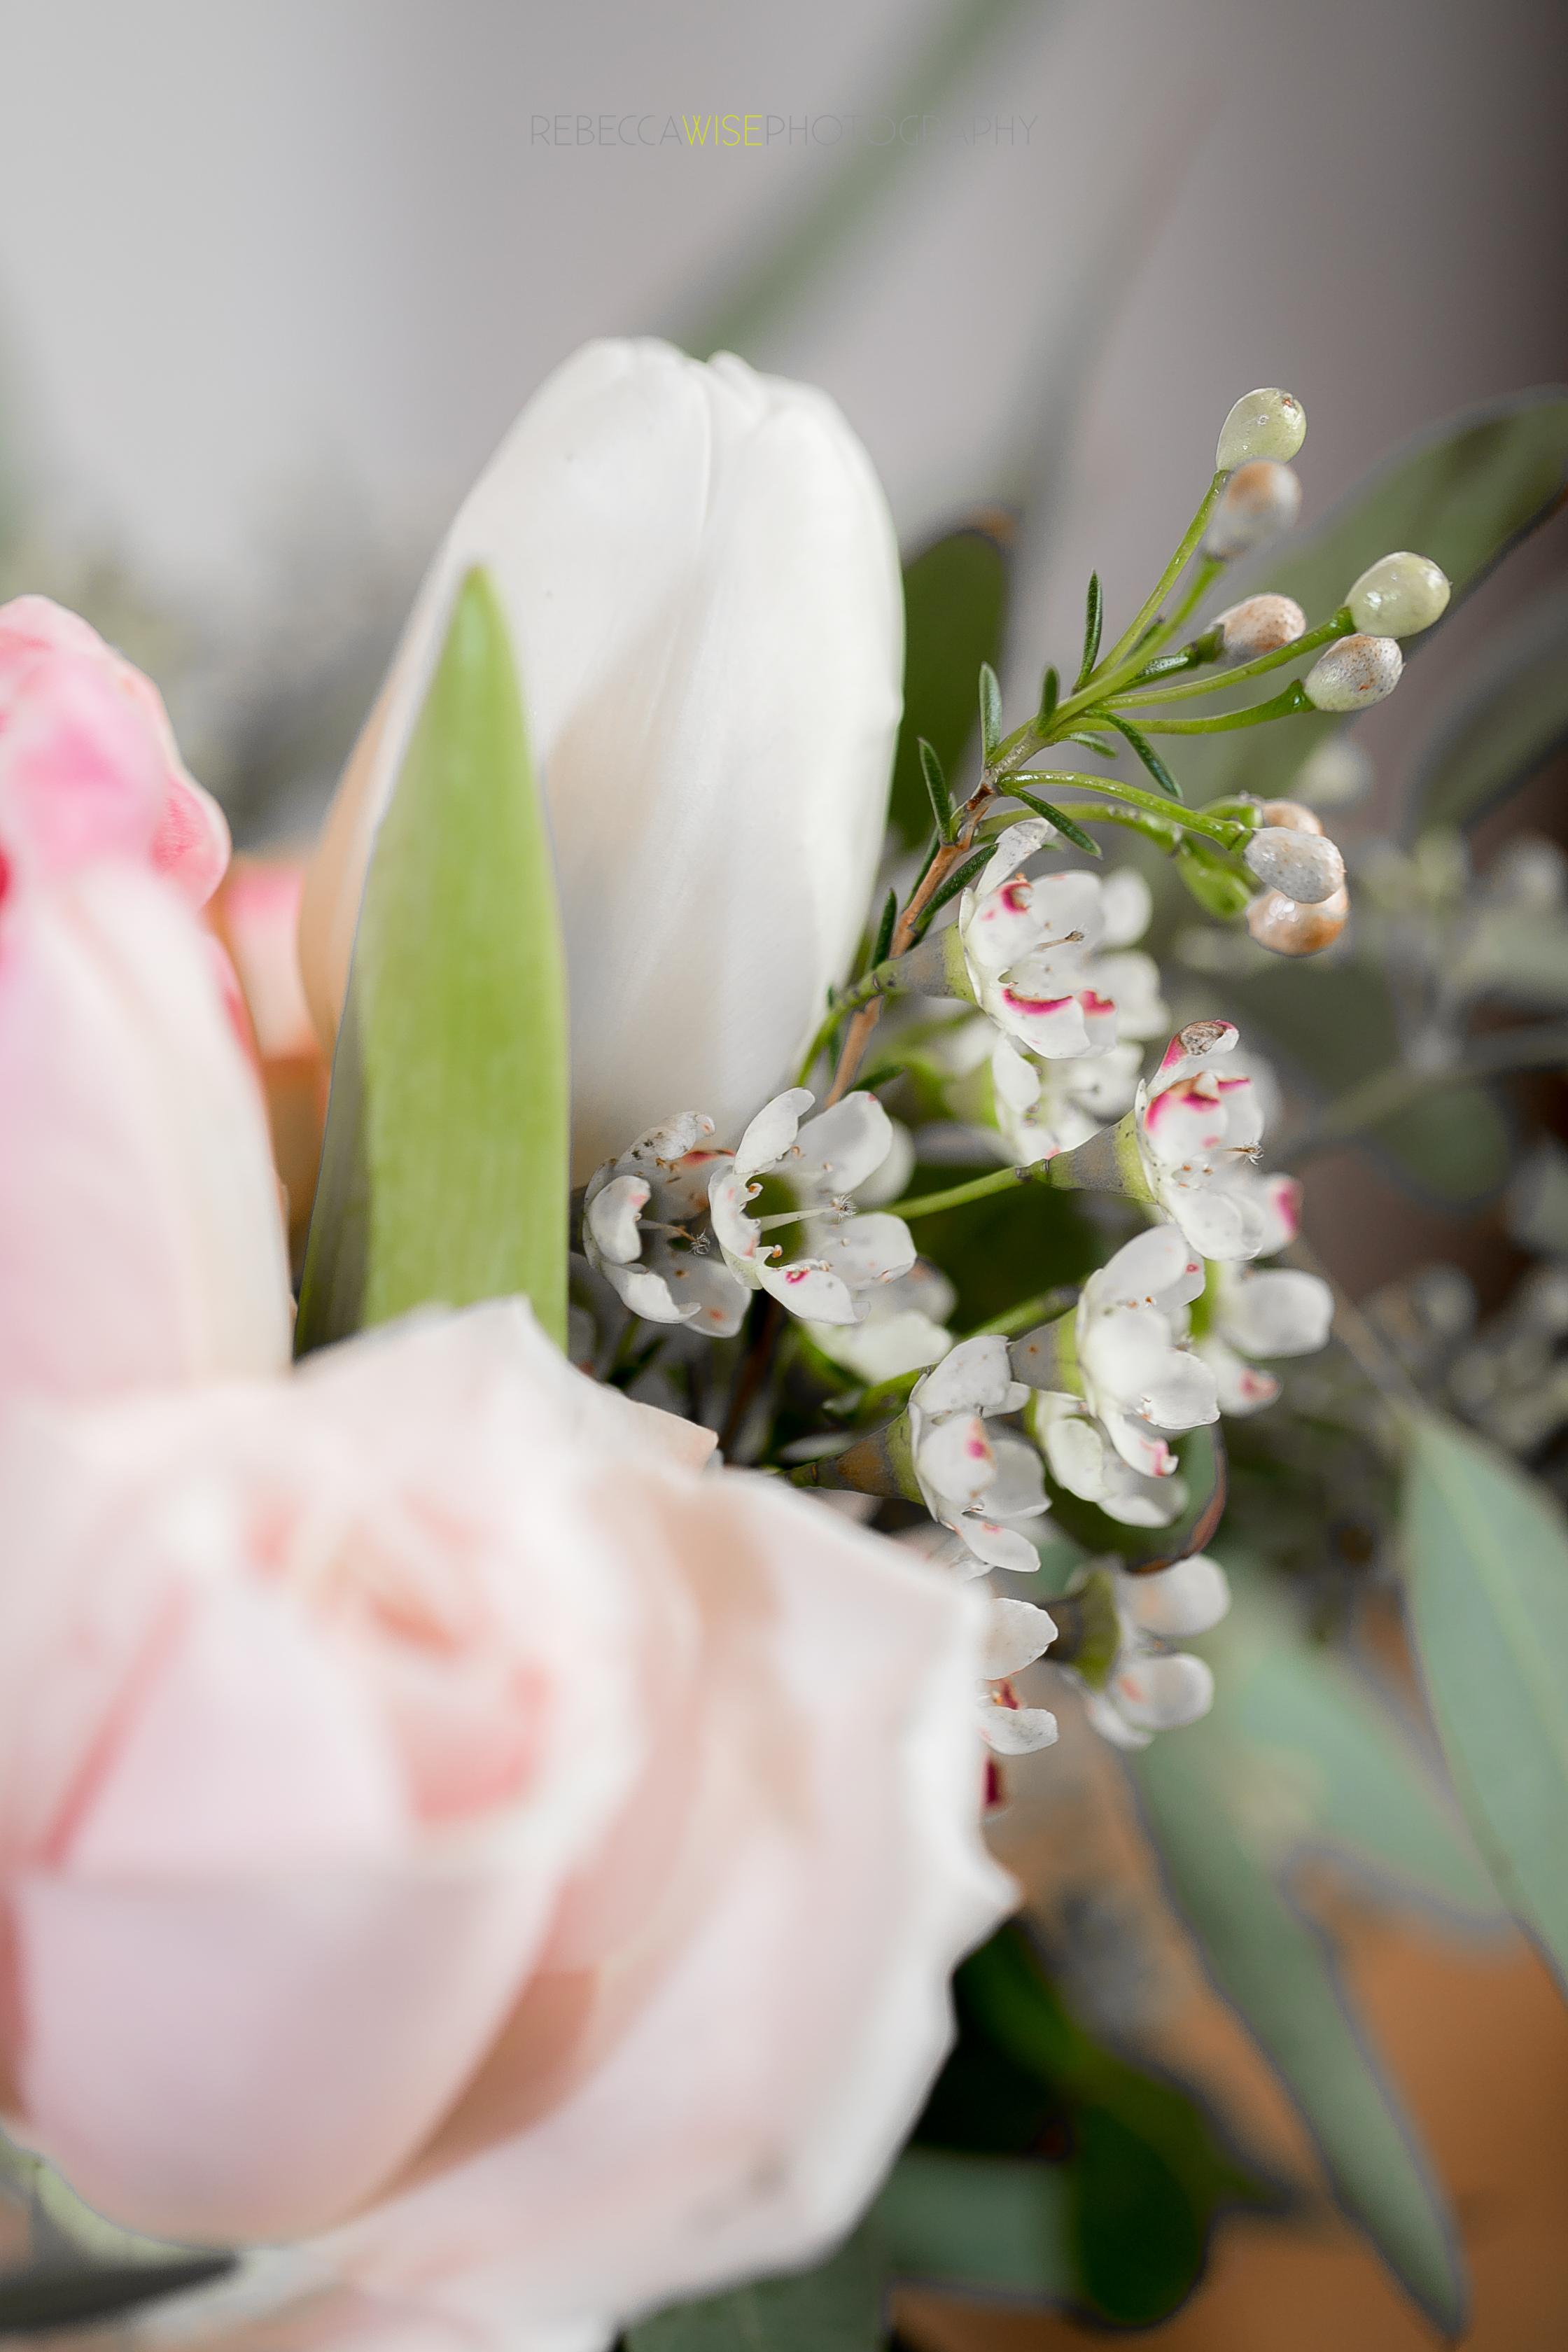 flowers (4 of 8).jpg